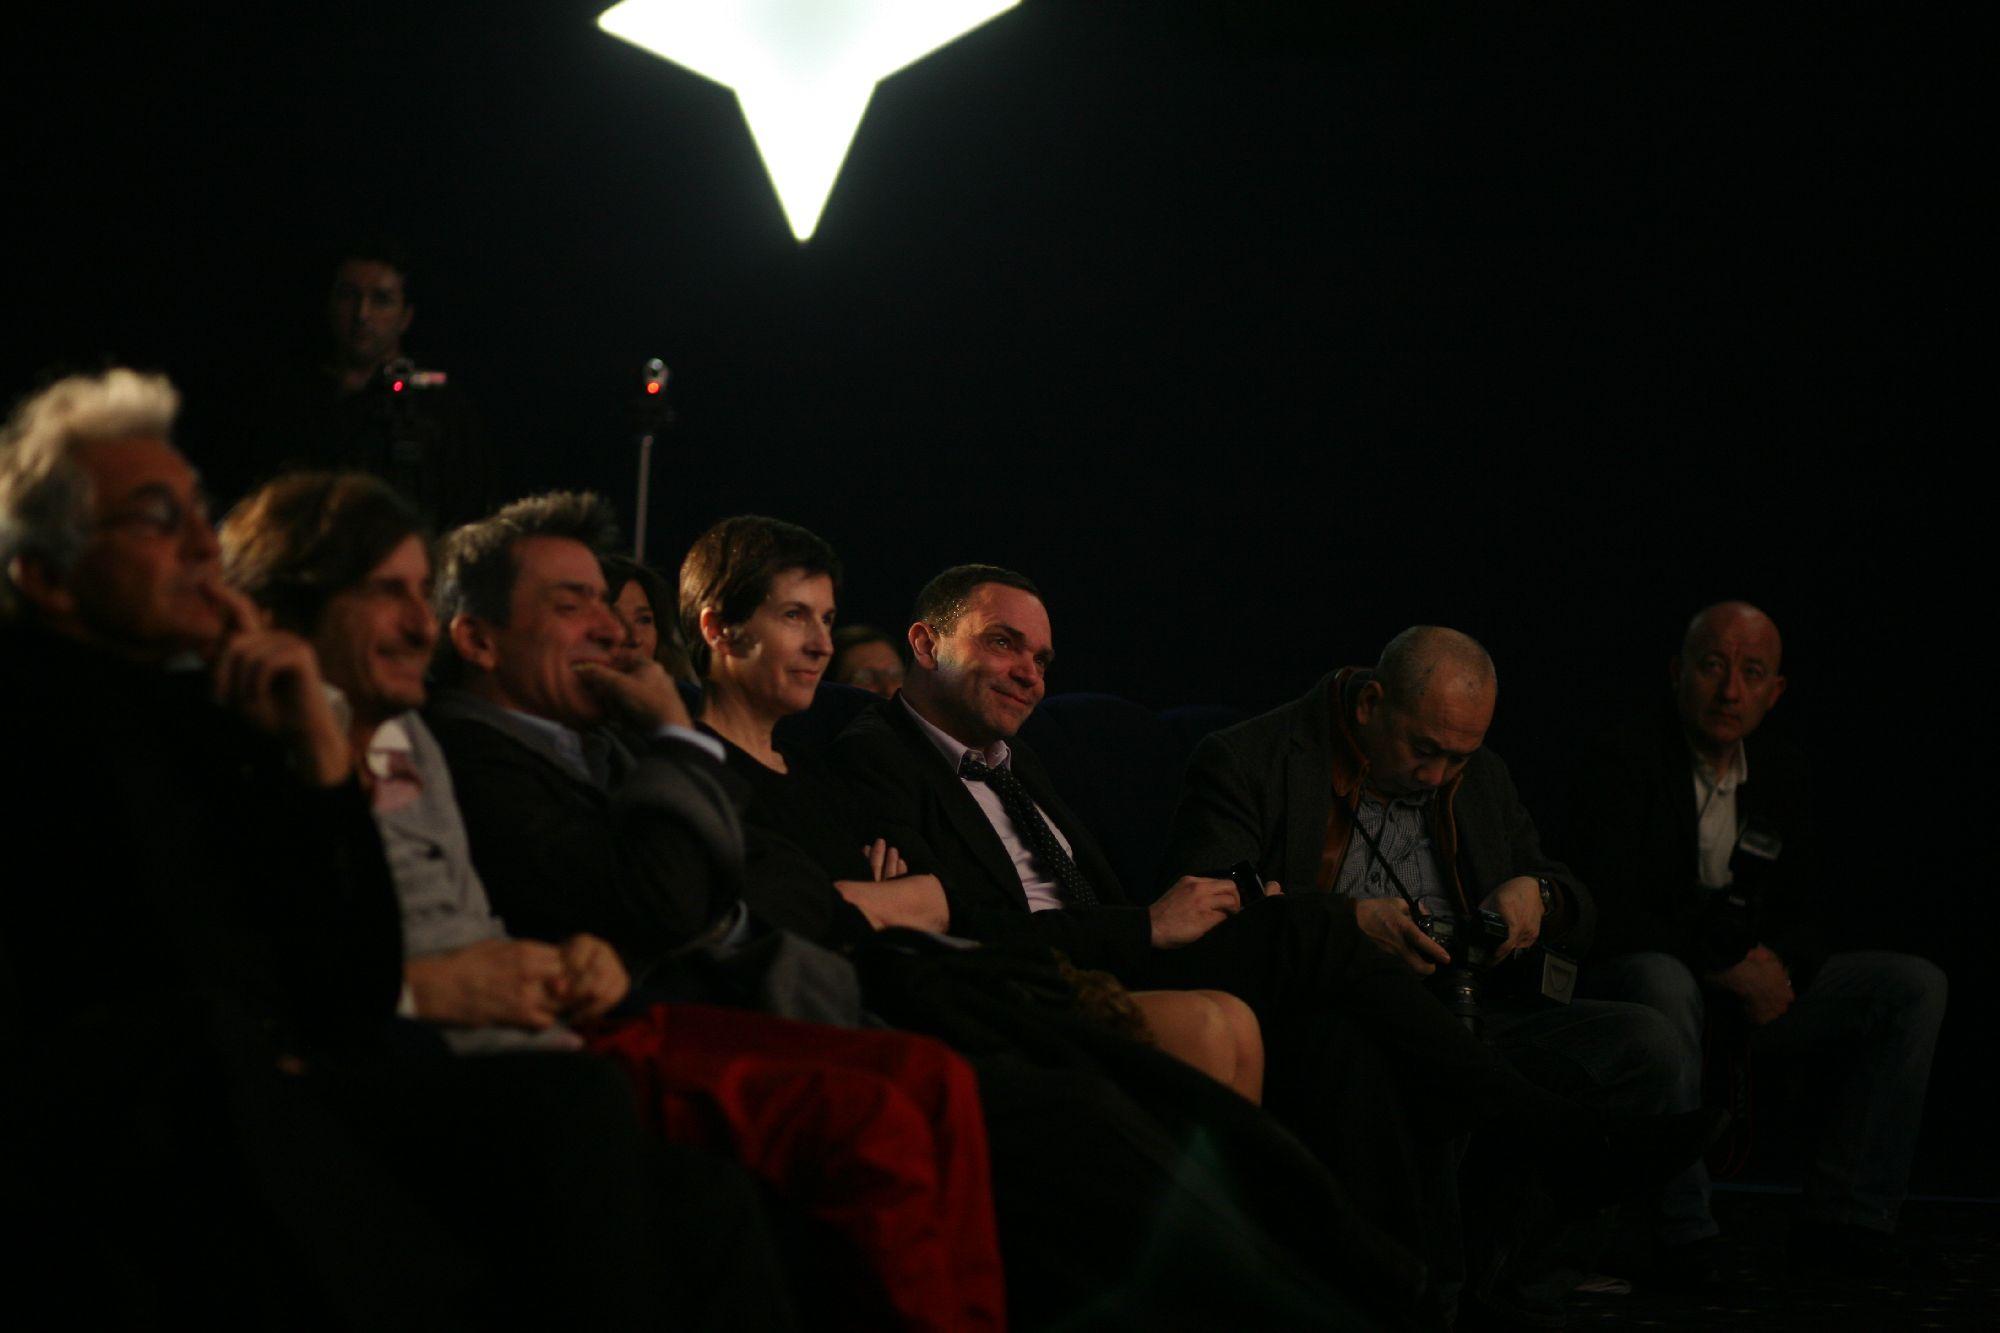 Jean-Paul-Enthoven_Bruno-de-Stabenrath_Regis-Jauffret_Christine-Angot_Yann-Moix